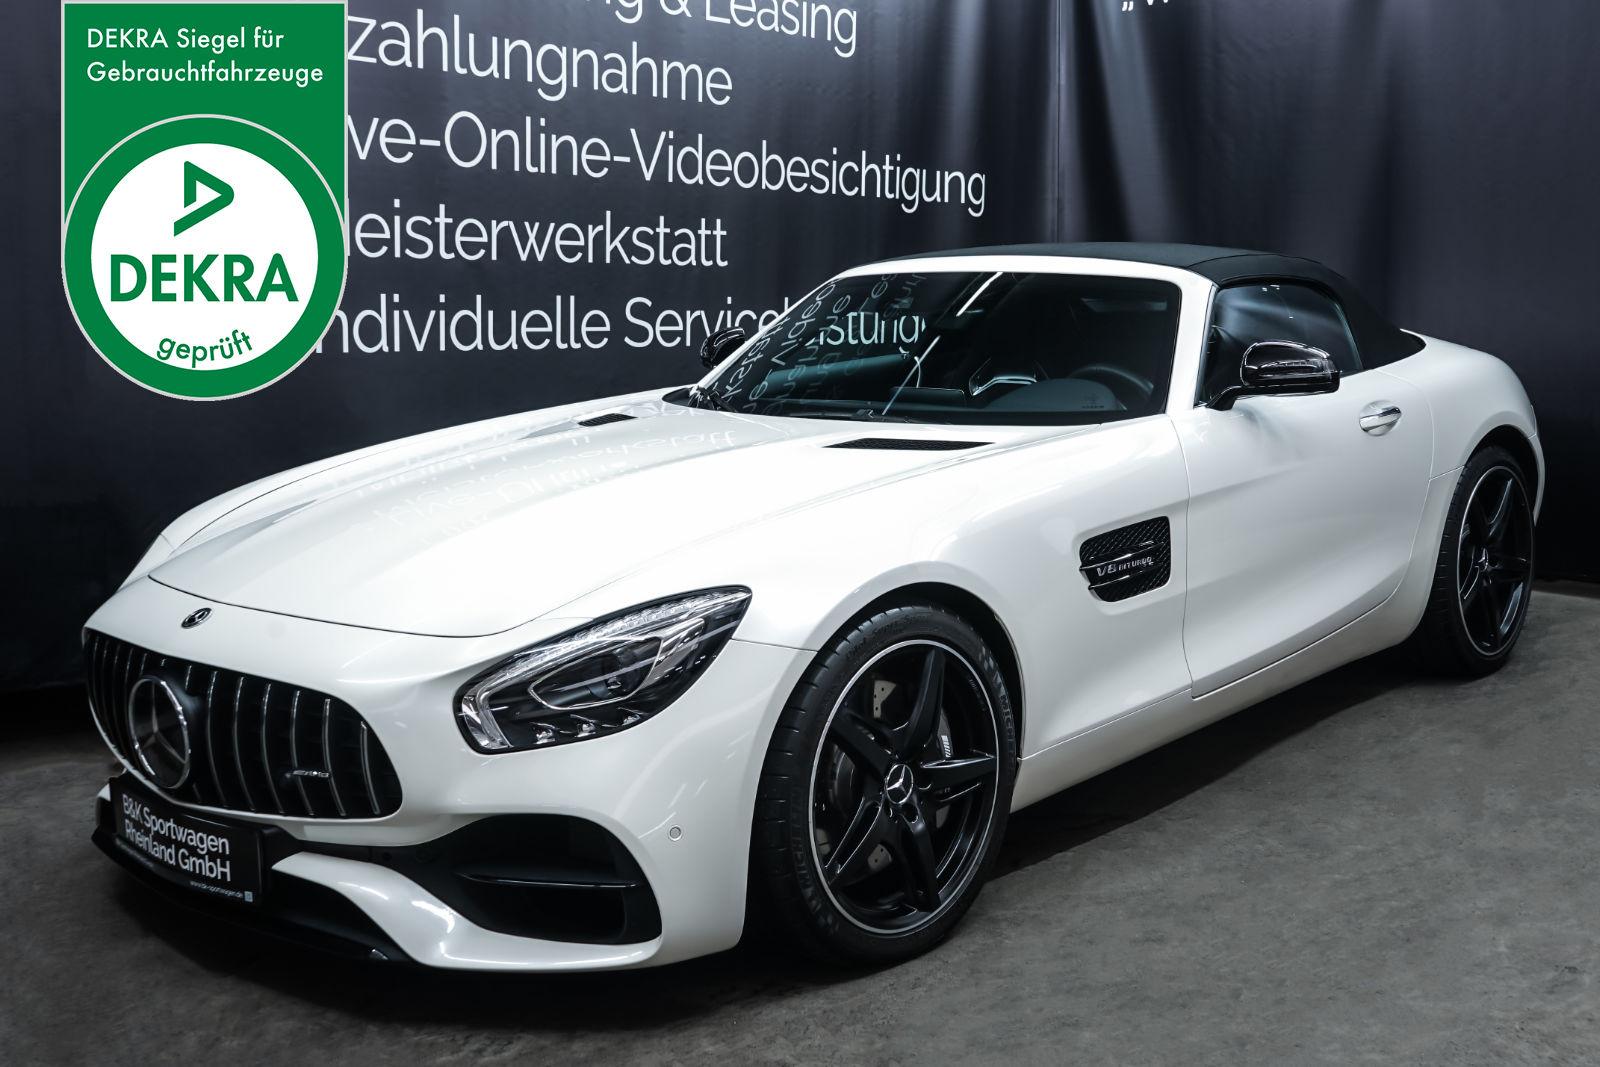 11Mercedes_Benz_AMG_GT_Roadster_Weiss_Schwarz_MB-9710_Plakette_w